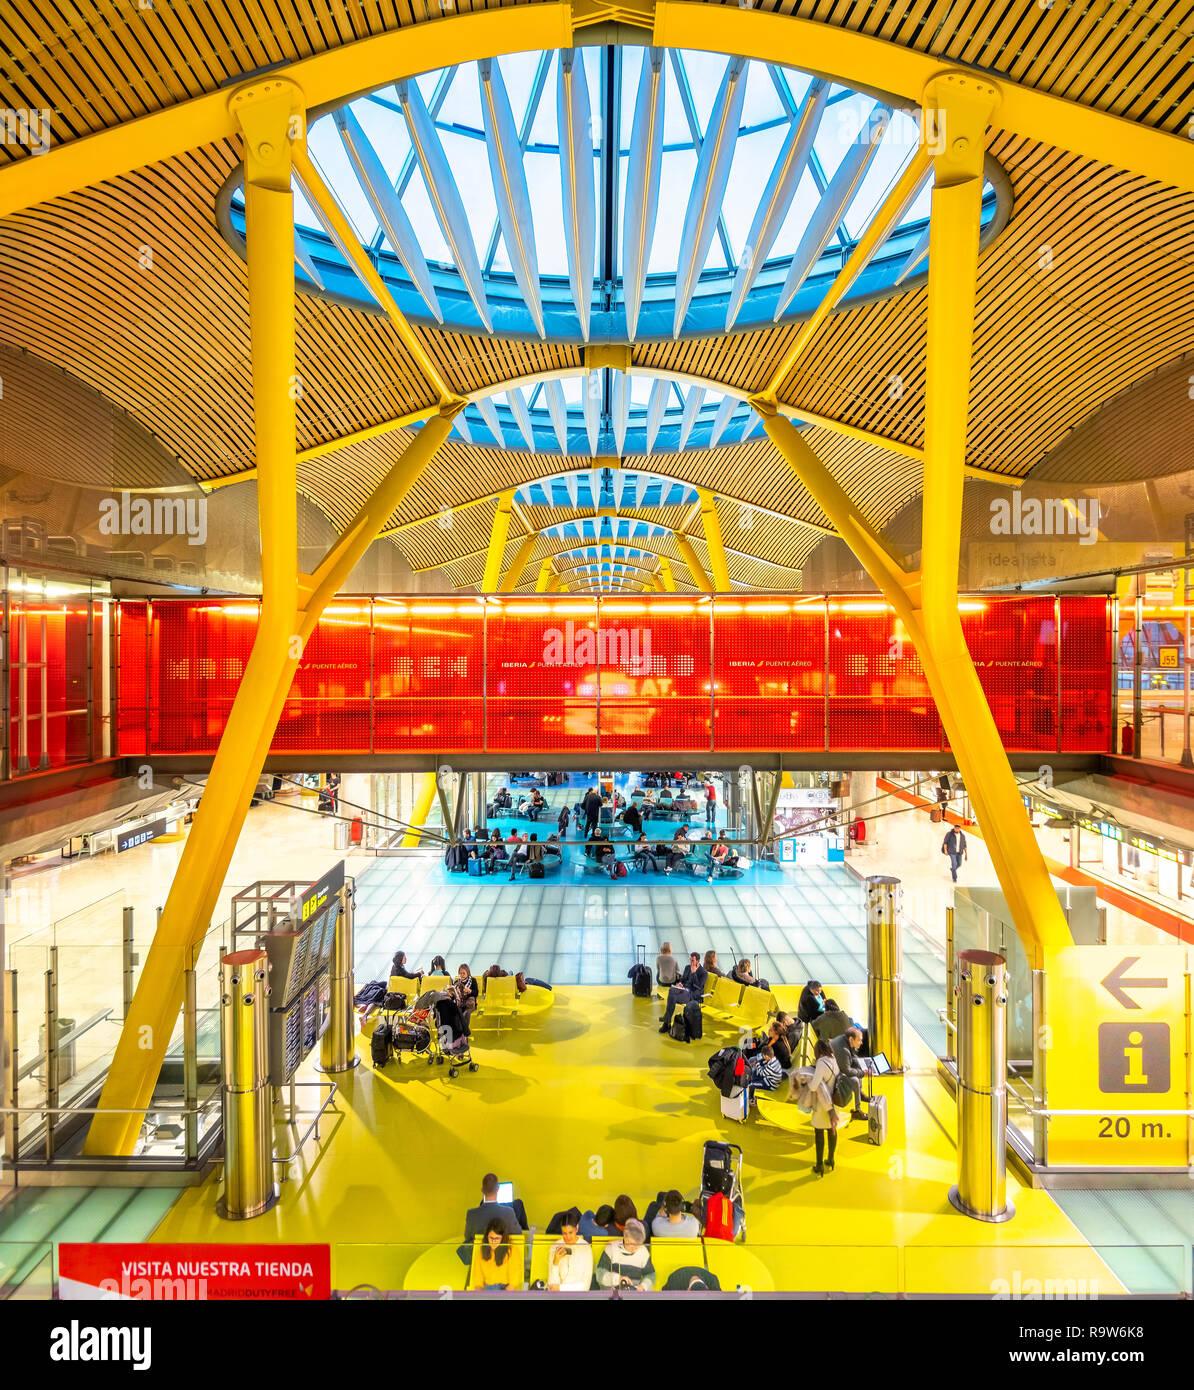 El aeropuerto de Madrid, Terminal 4 del aeropuerto de Madrid Barajas diseñado por Antonio Lamela y Richard Rogers, Adolfo Suárez del Aeropuerto Madrid-Barajas. Foto de stock